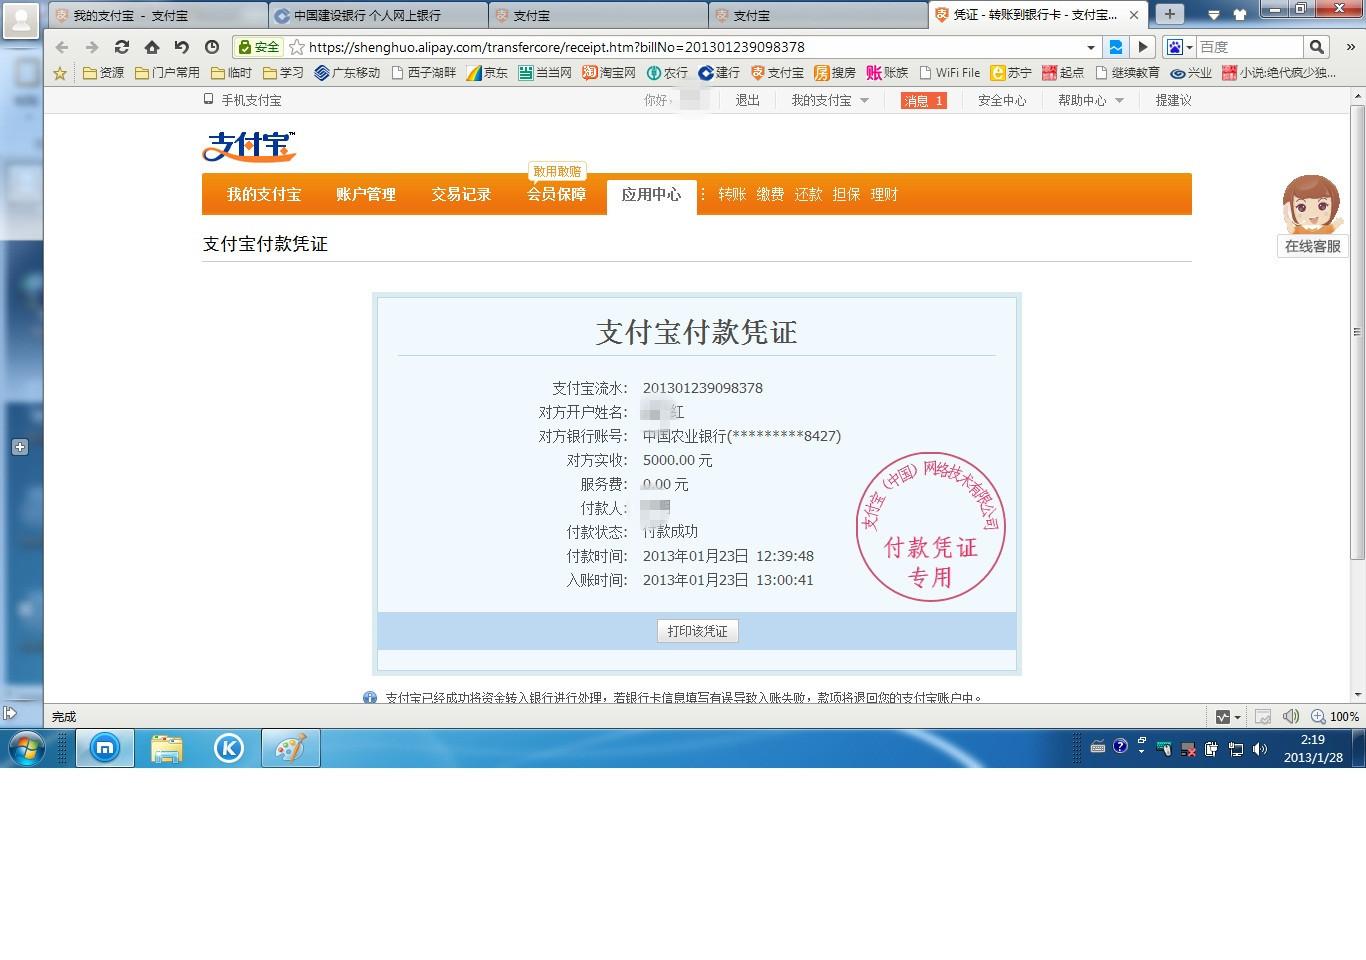 伪造银行转账截图_... 转账截图伪造支付宝转账截图